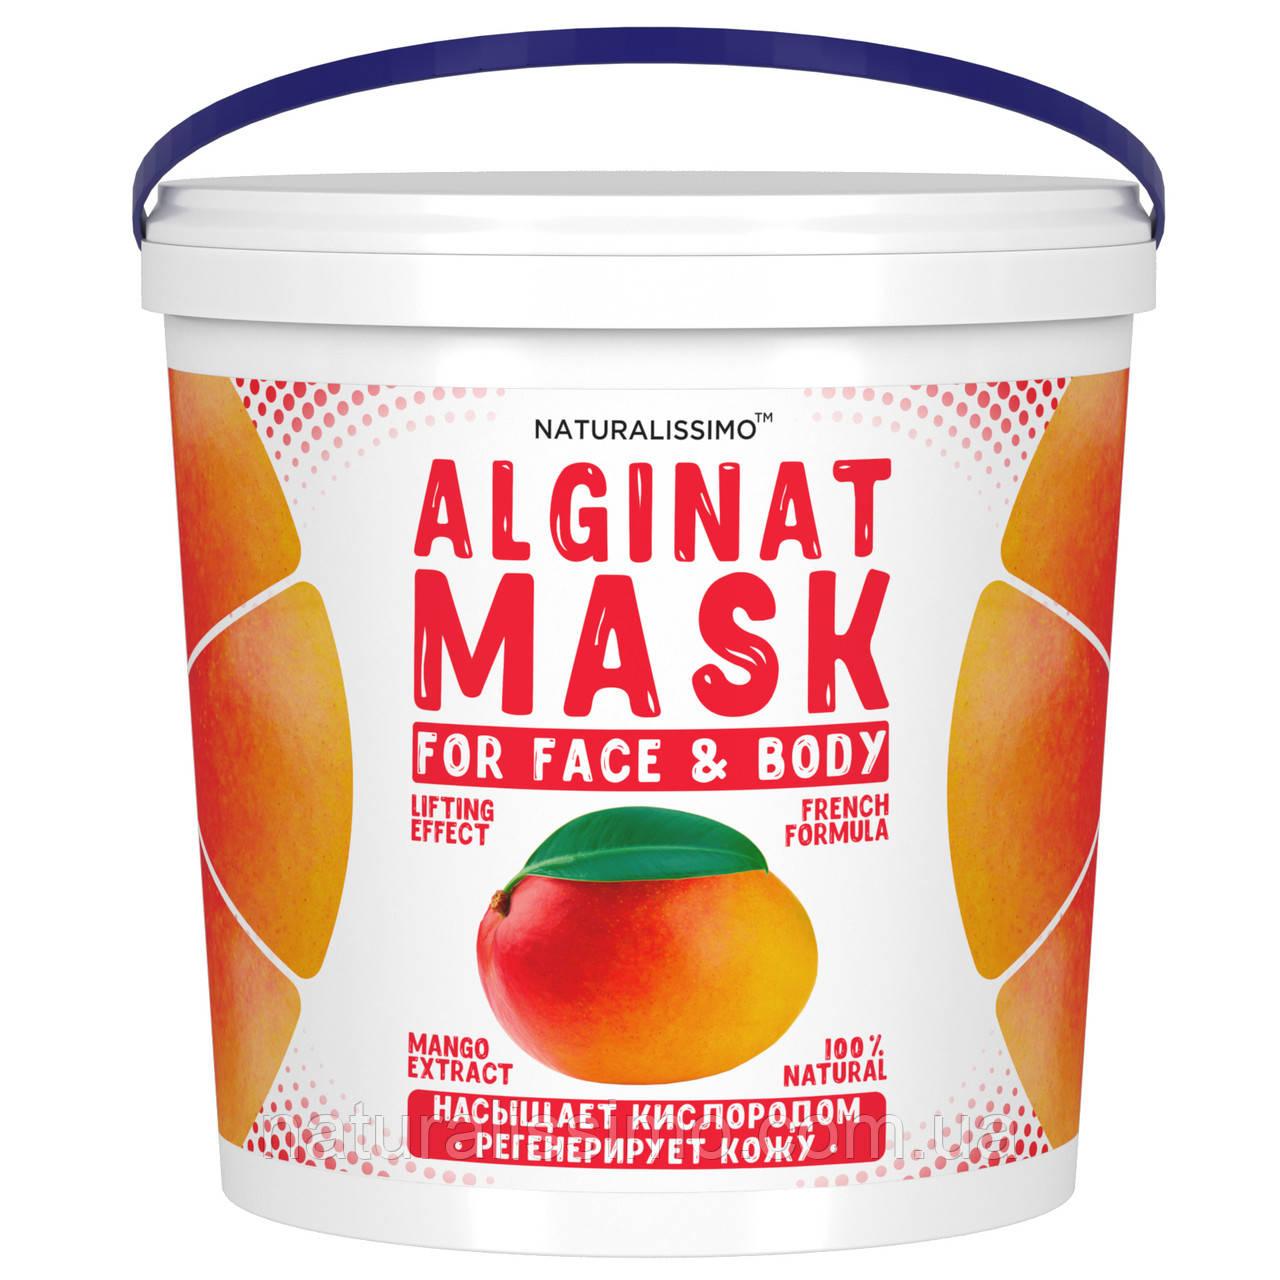 Альгинатная маска Питает и увлажняет кожу, разглаживает морщинки, с манго, 1000 г